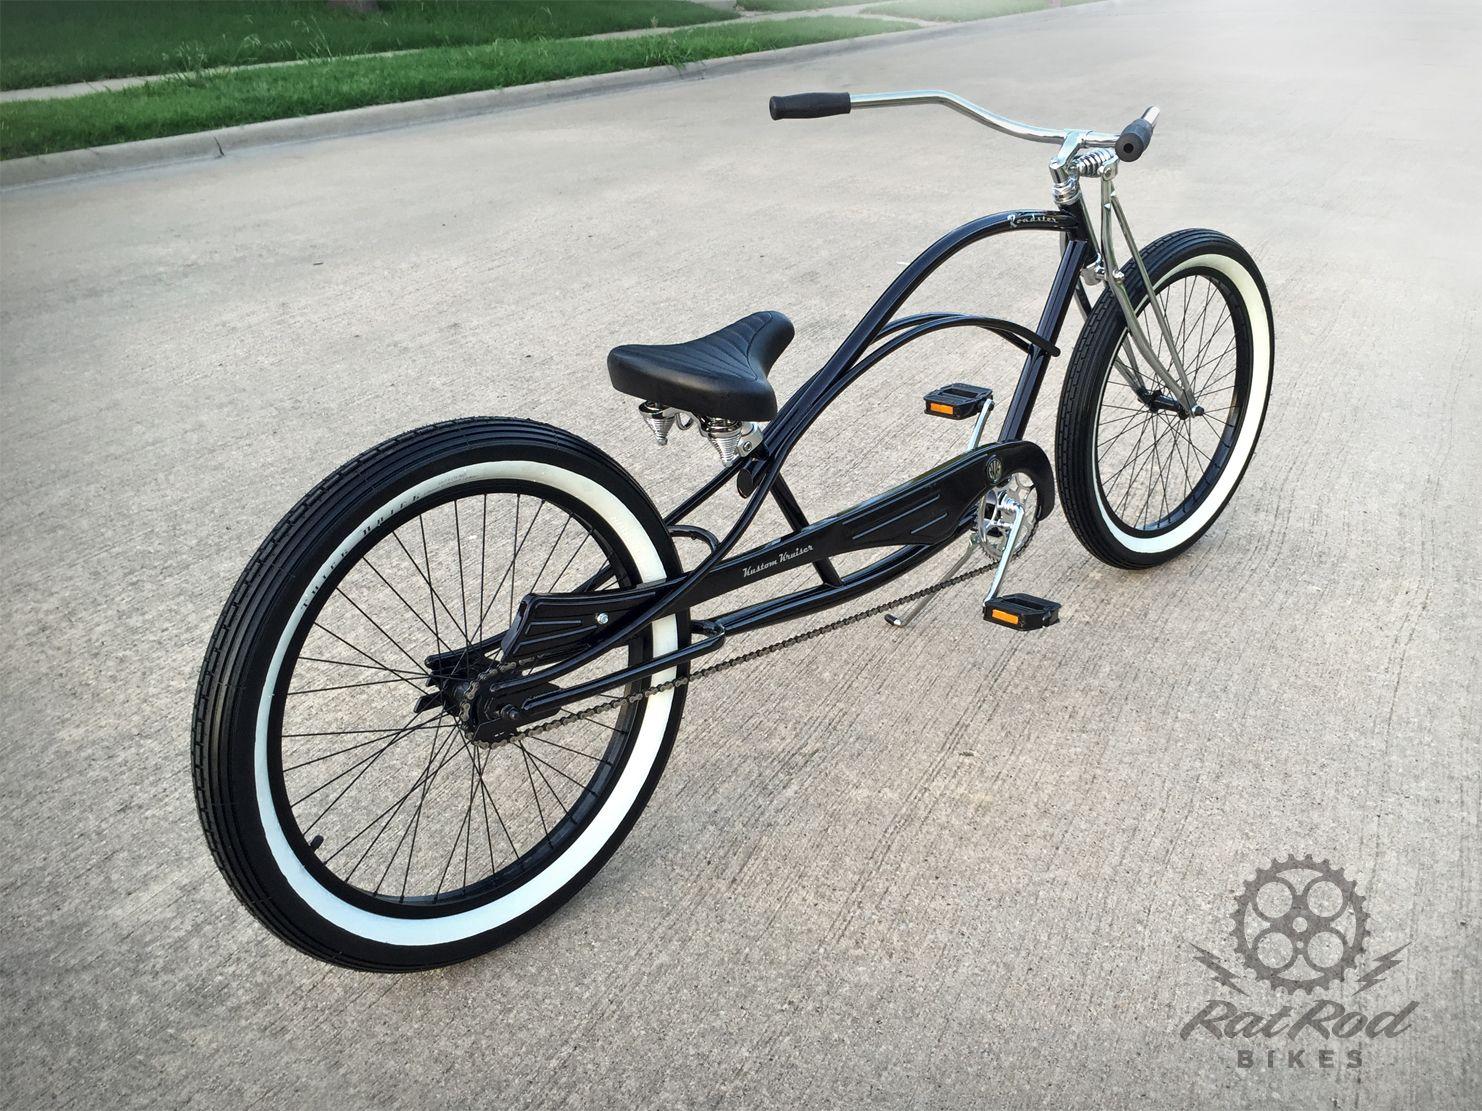 Kustom Kruiser Roadster Www Ratrodbikes Com Rat Rod Bikes